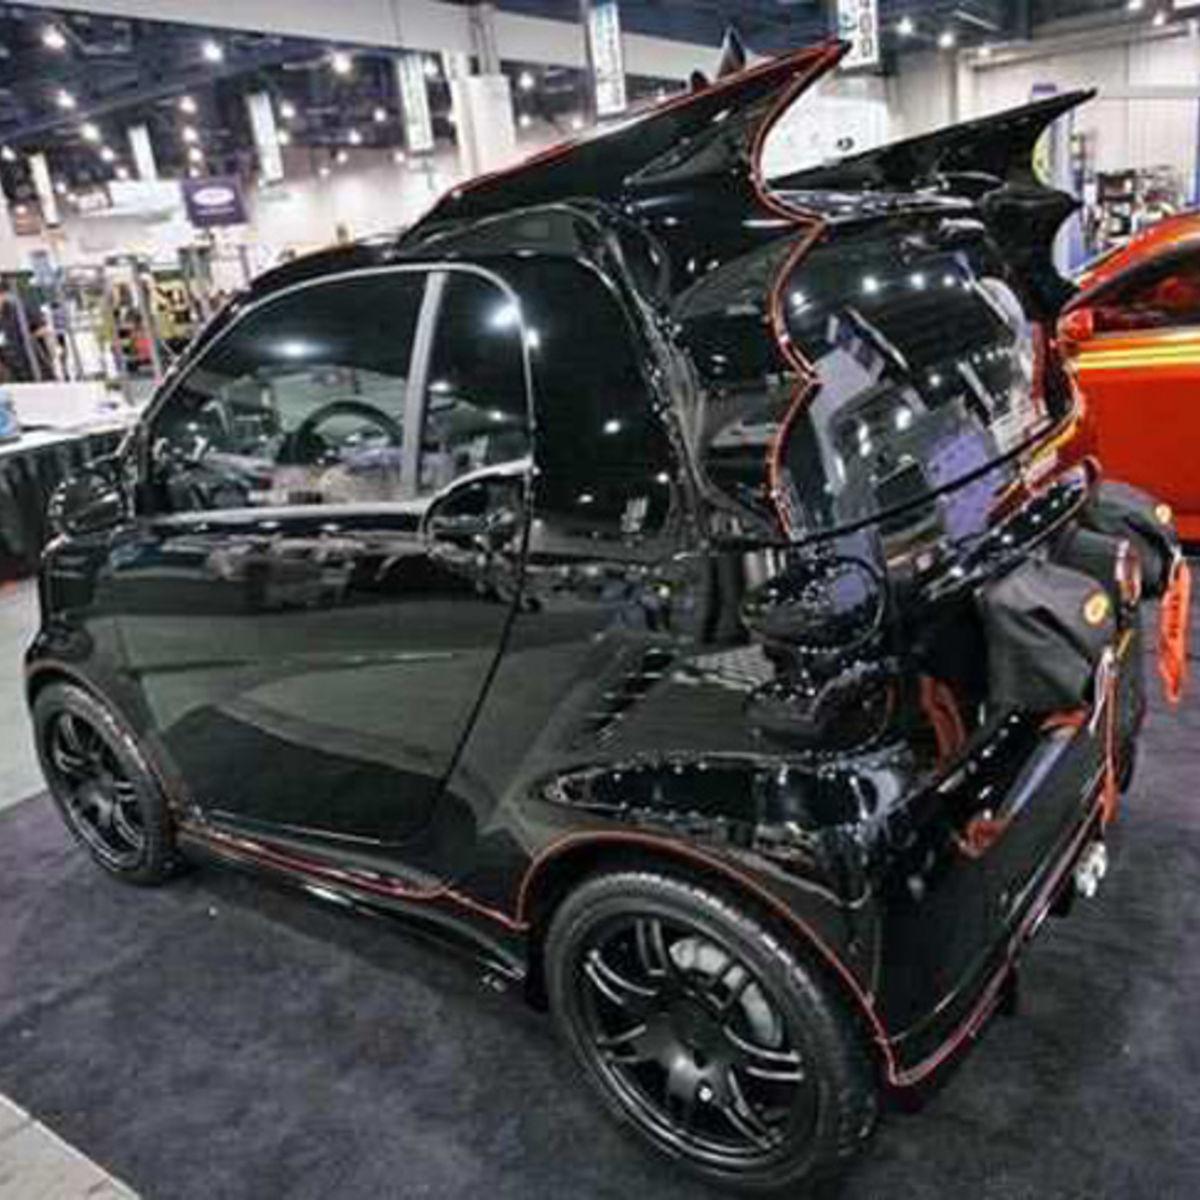 BatmobileSmartCar.jpg